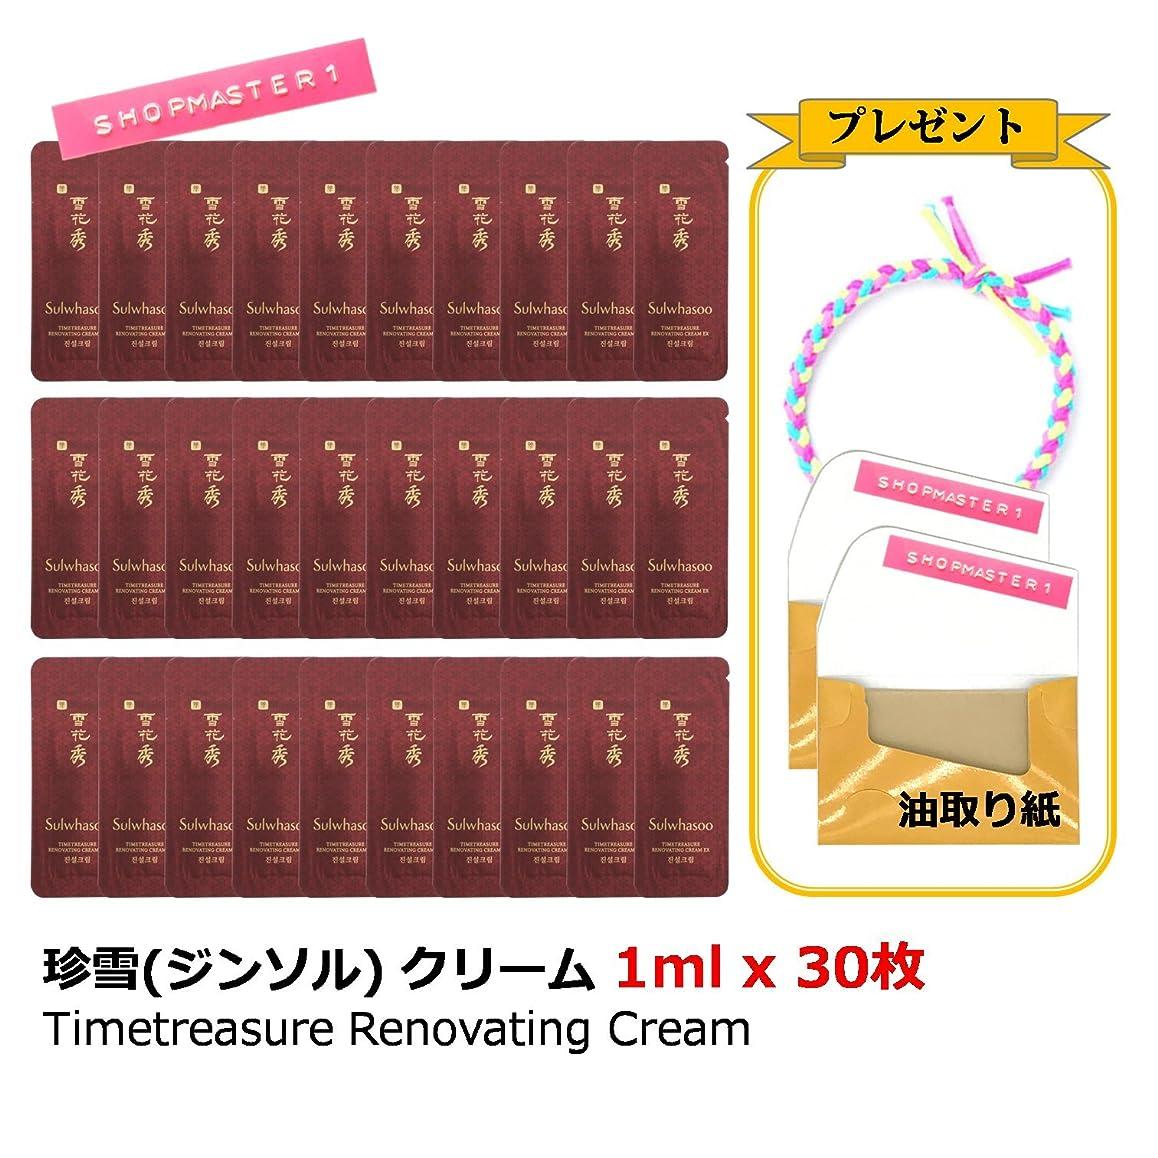 家主高さ着実に【Sulwhasoo ソルファス】珍雪(ジンソル) クリーム 1ml x 30枚 Timetreasure Renovating Cream/プレゼント 油取り紙 2個(30枚ずつ)、ヘアタイ/海外直配送